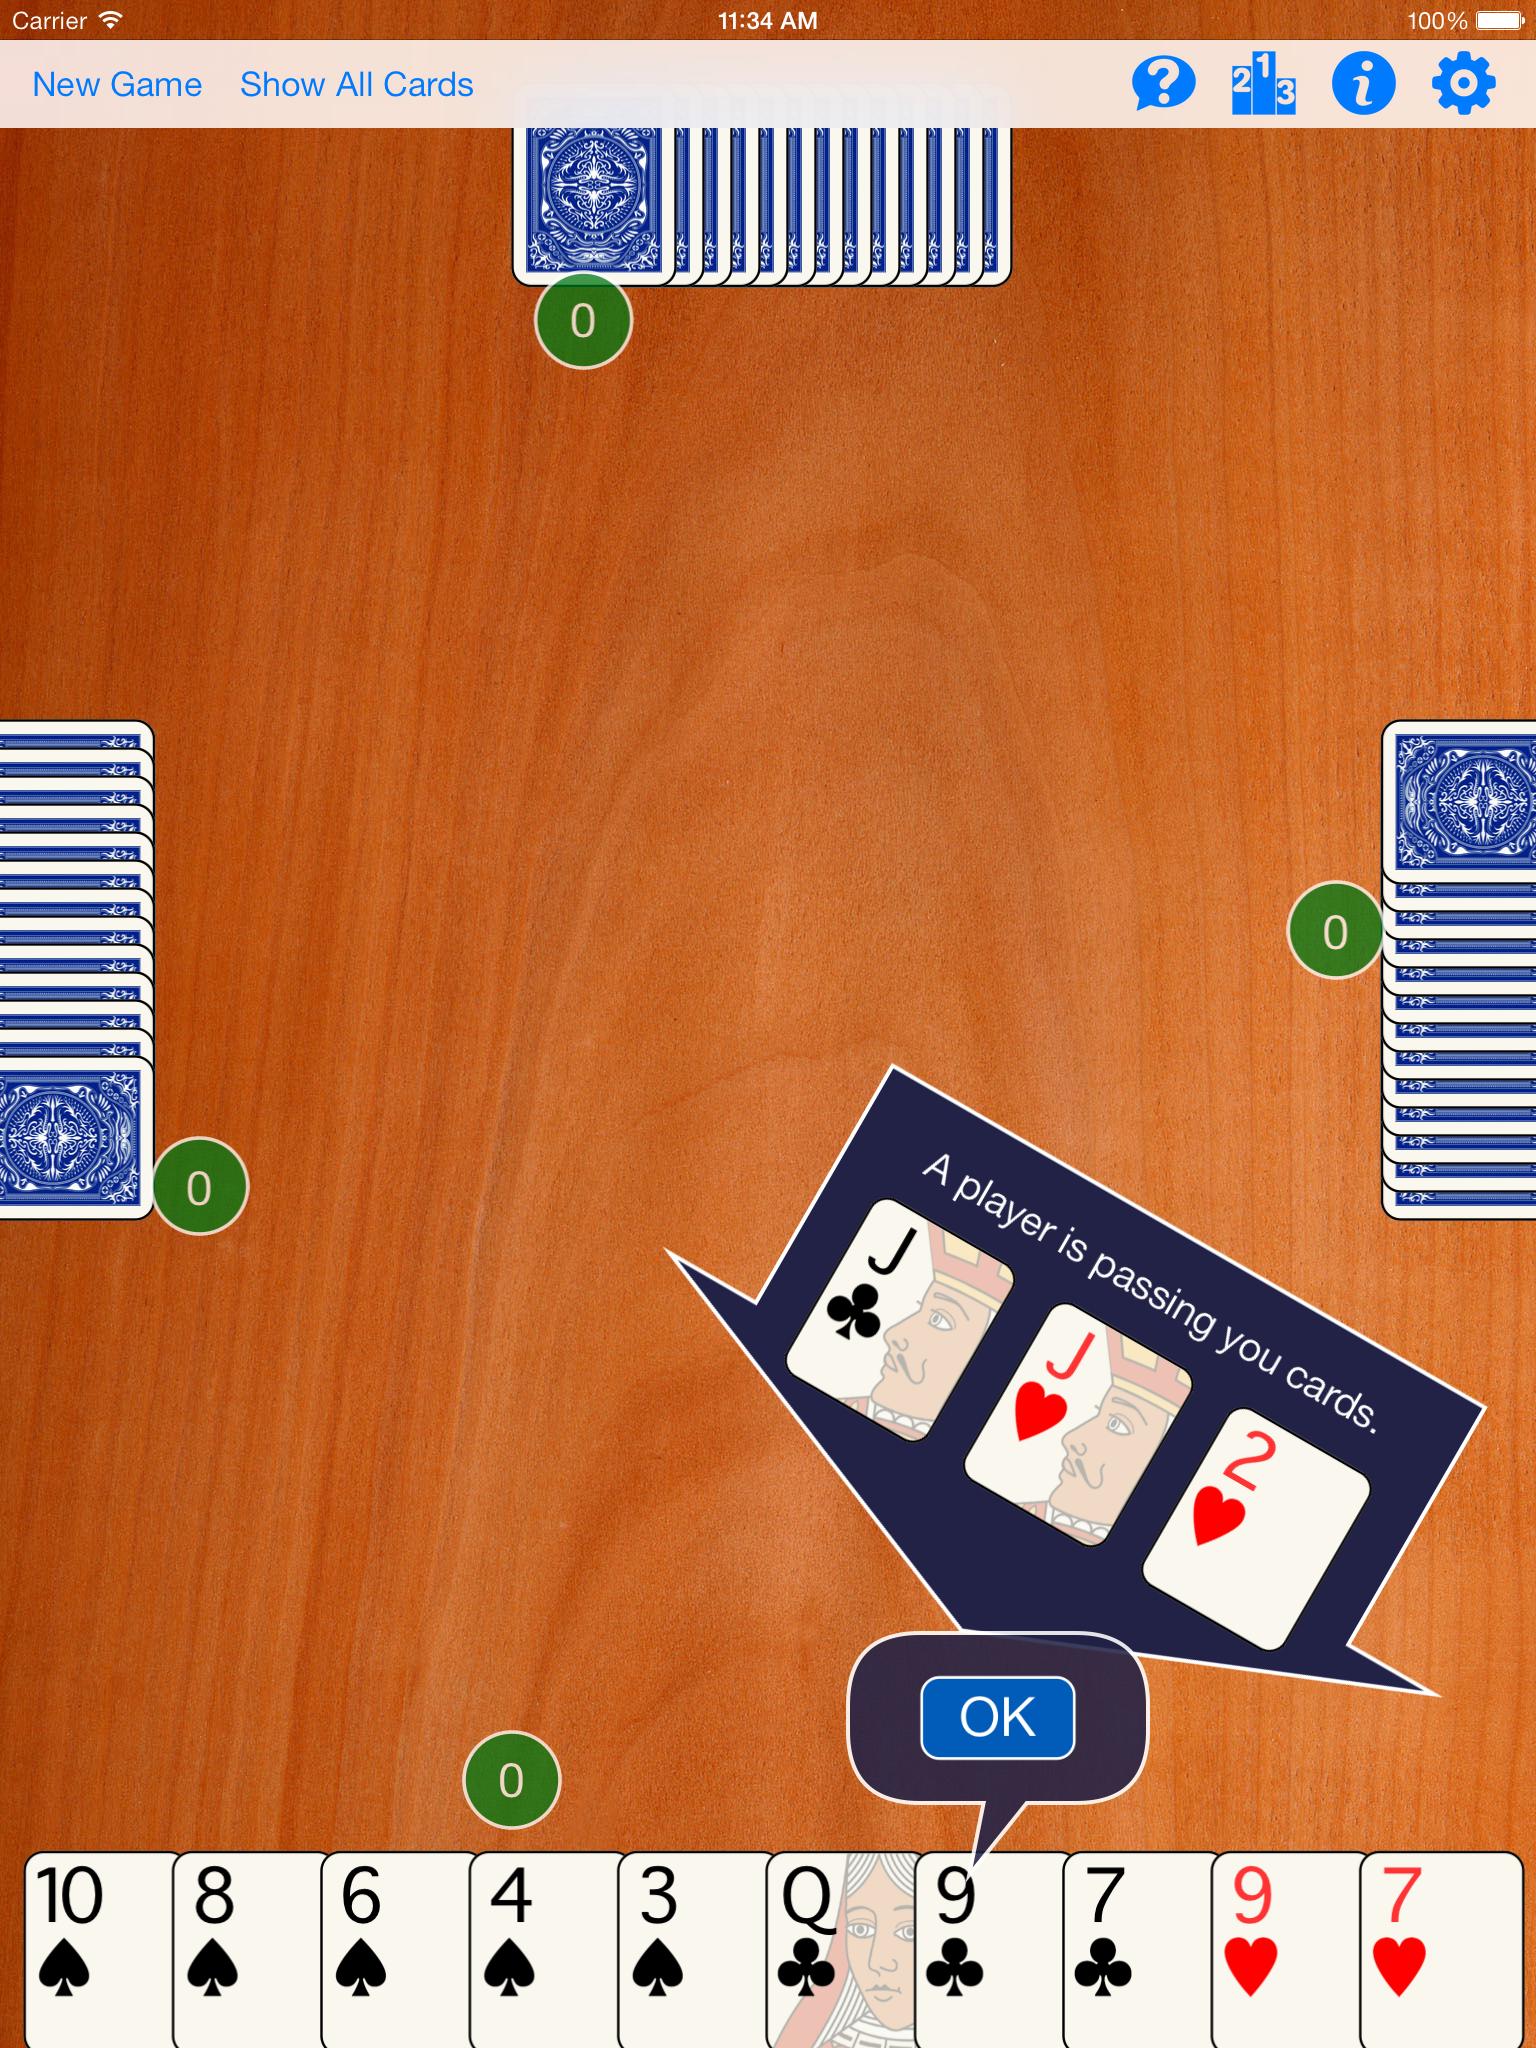 iOS Simulator Screen shot Sep 17, 2013 11.34.39 AM.png